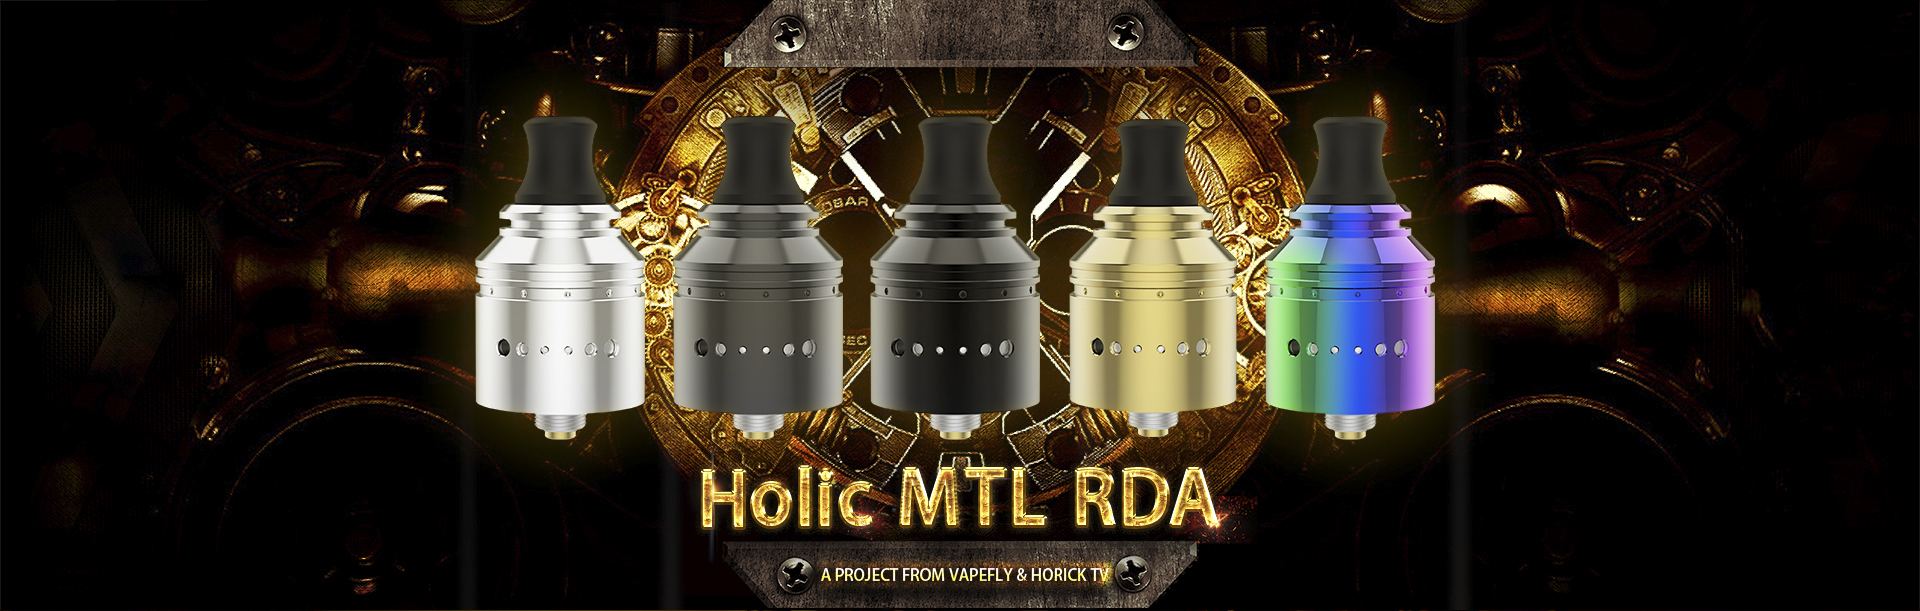 Holic MTL RDA 01 1 - 【レビュー】Vapefly Holic MTL RDAレビュー。あの人気ユーチューバー『ホリックTV』のこーへいさんとVapeflyのコラボアトマイザーが登場! 私も愛用しているGalaxiesシリーズのメーカーなので期待度大!